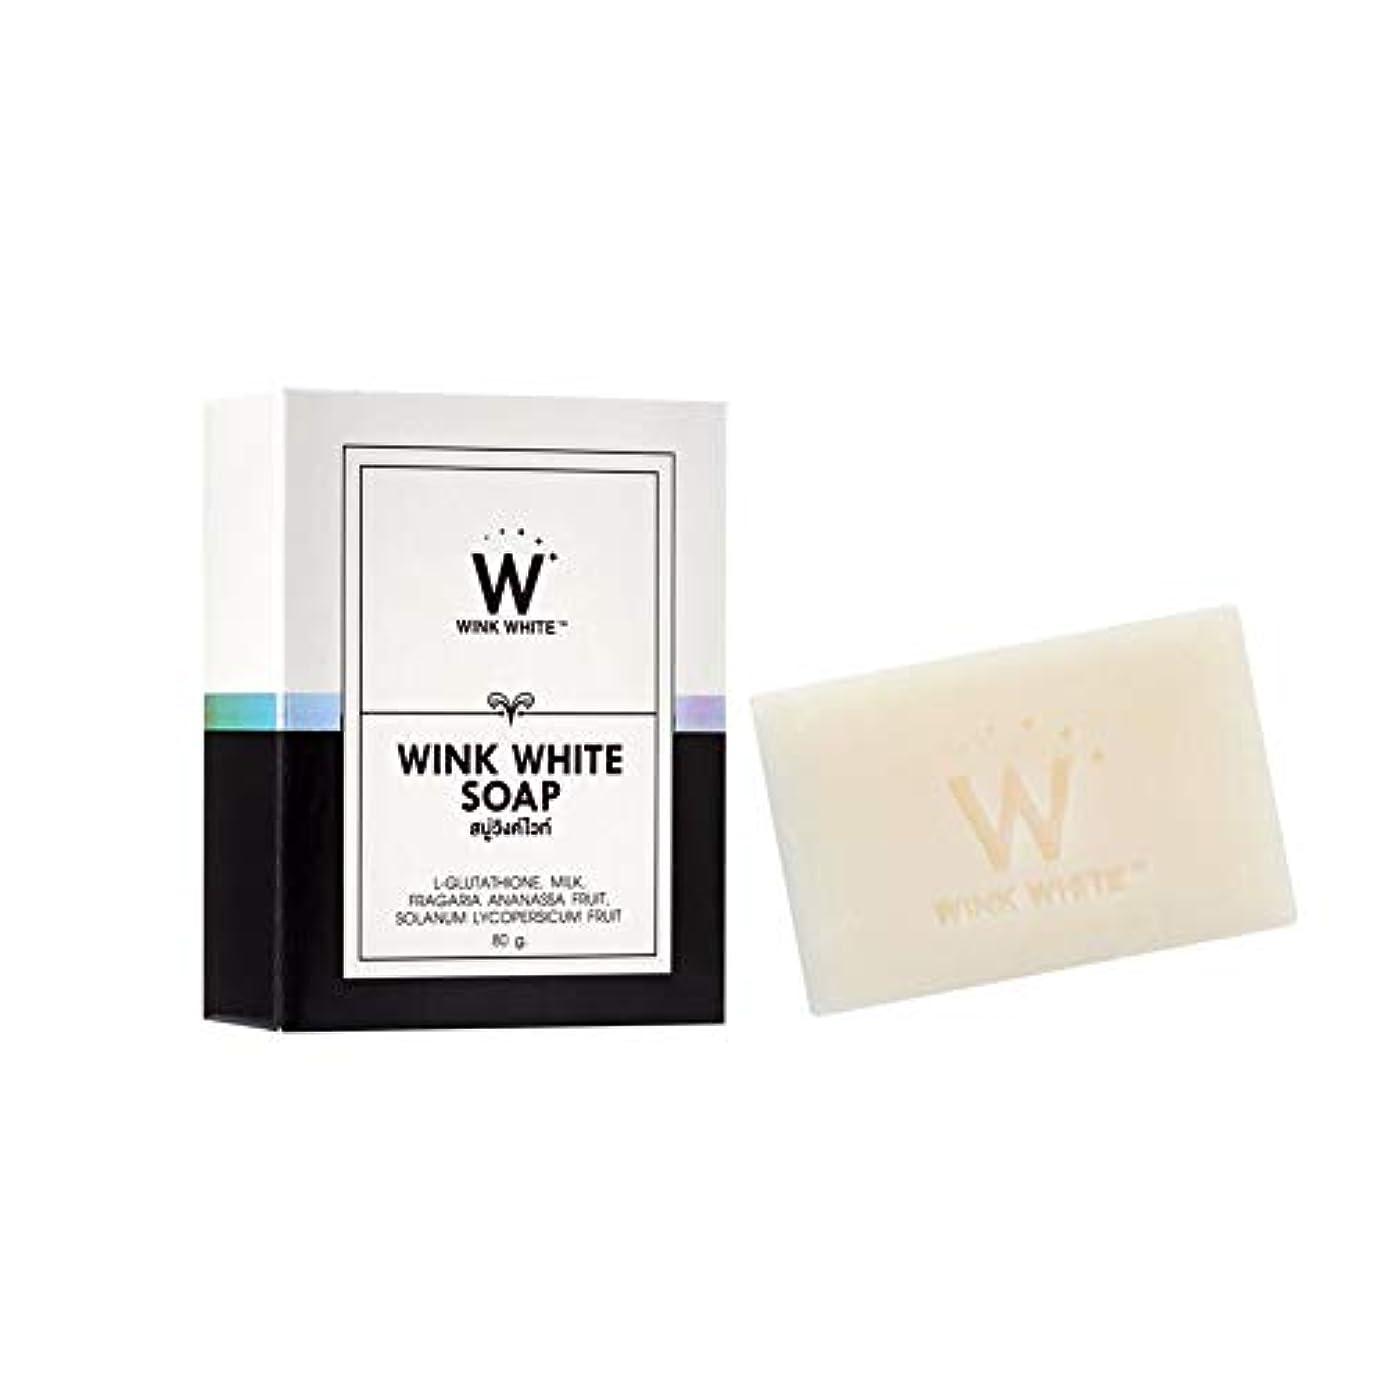 める解凍する、雪解け、霜解け平手打ちSoap Net Nature White Soap Base Wink White Soap Gluta Pure Skin Body Whitening Strawberry for Whitening Skin All Natural Milled Goats Milk